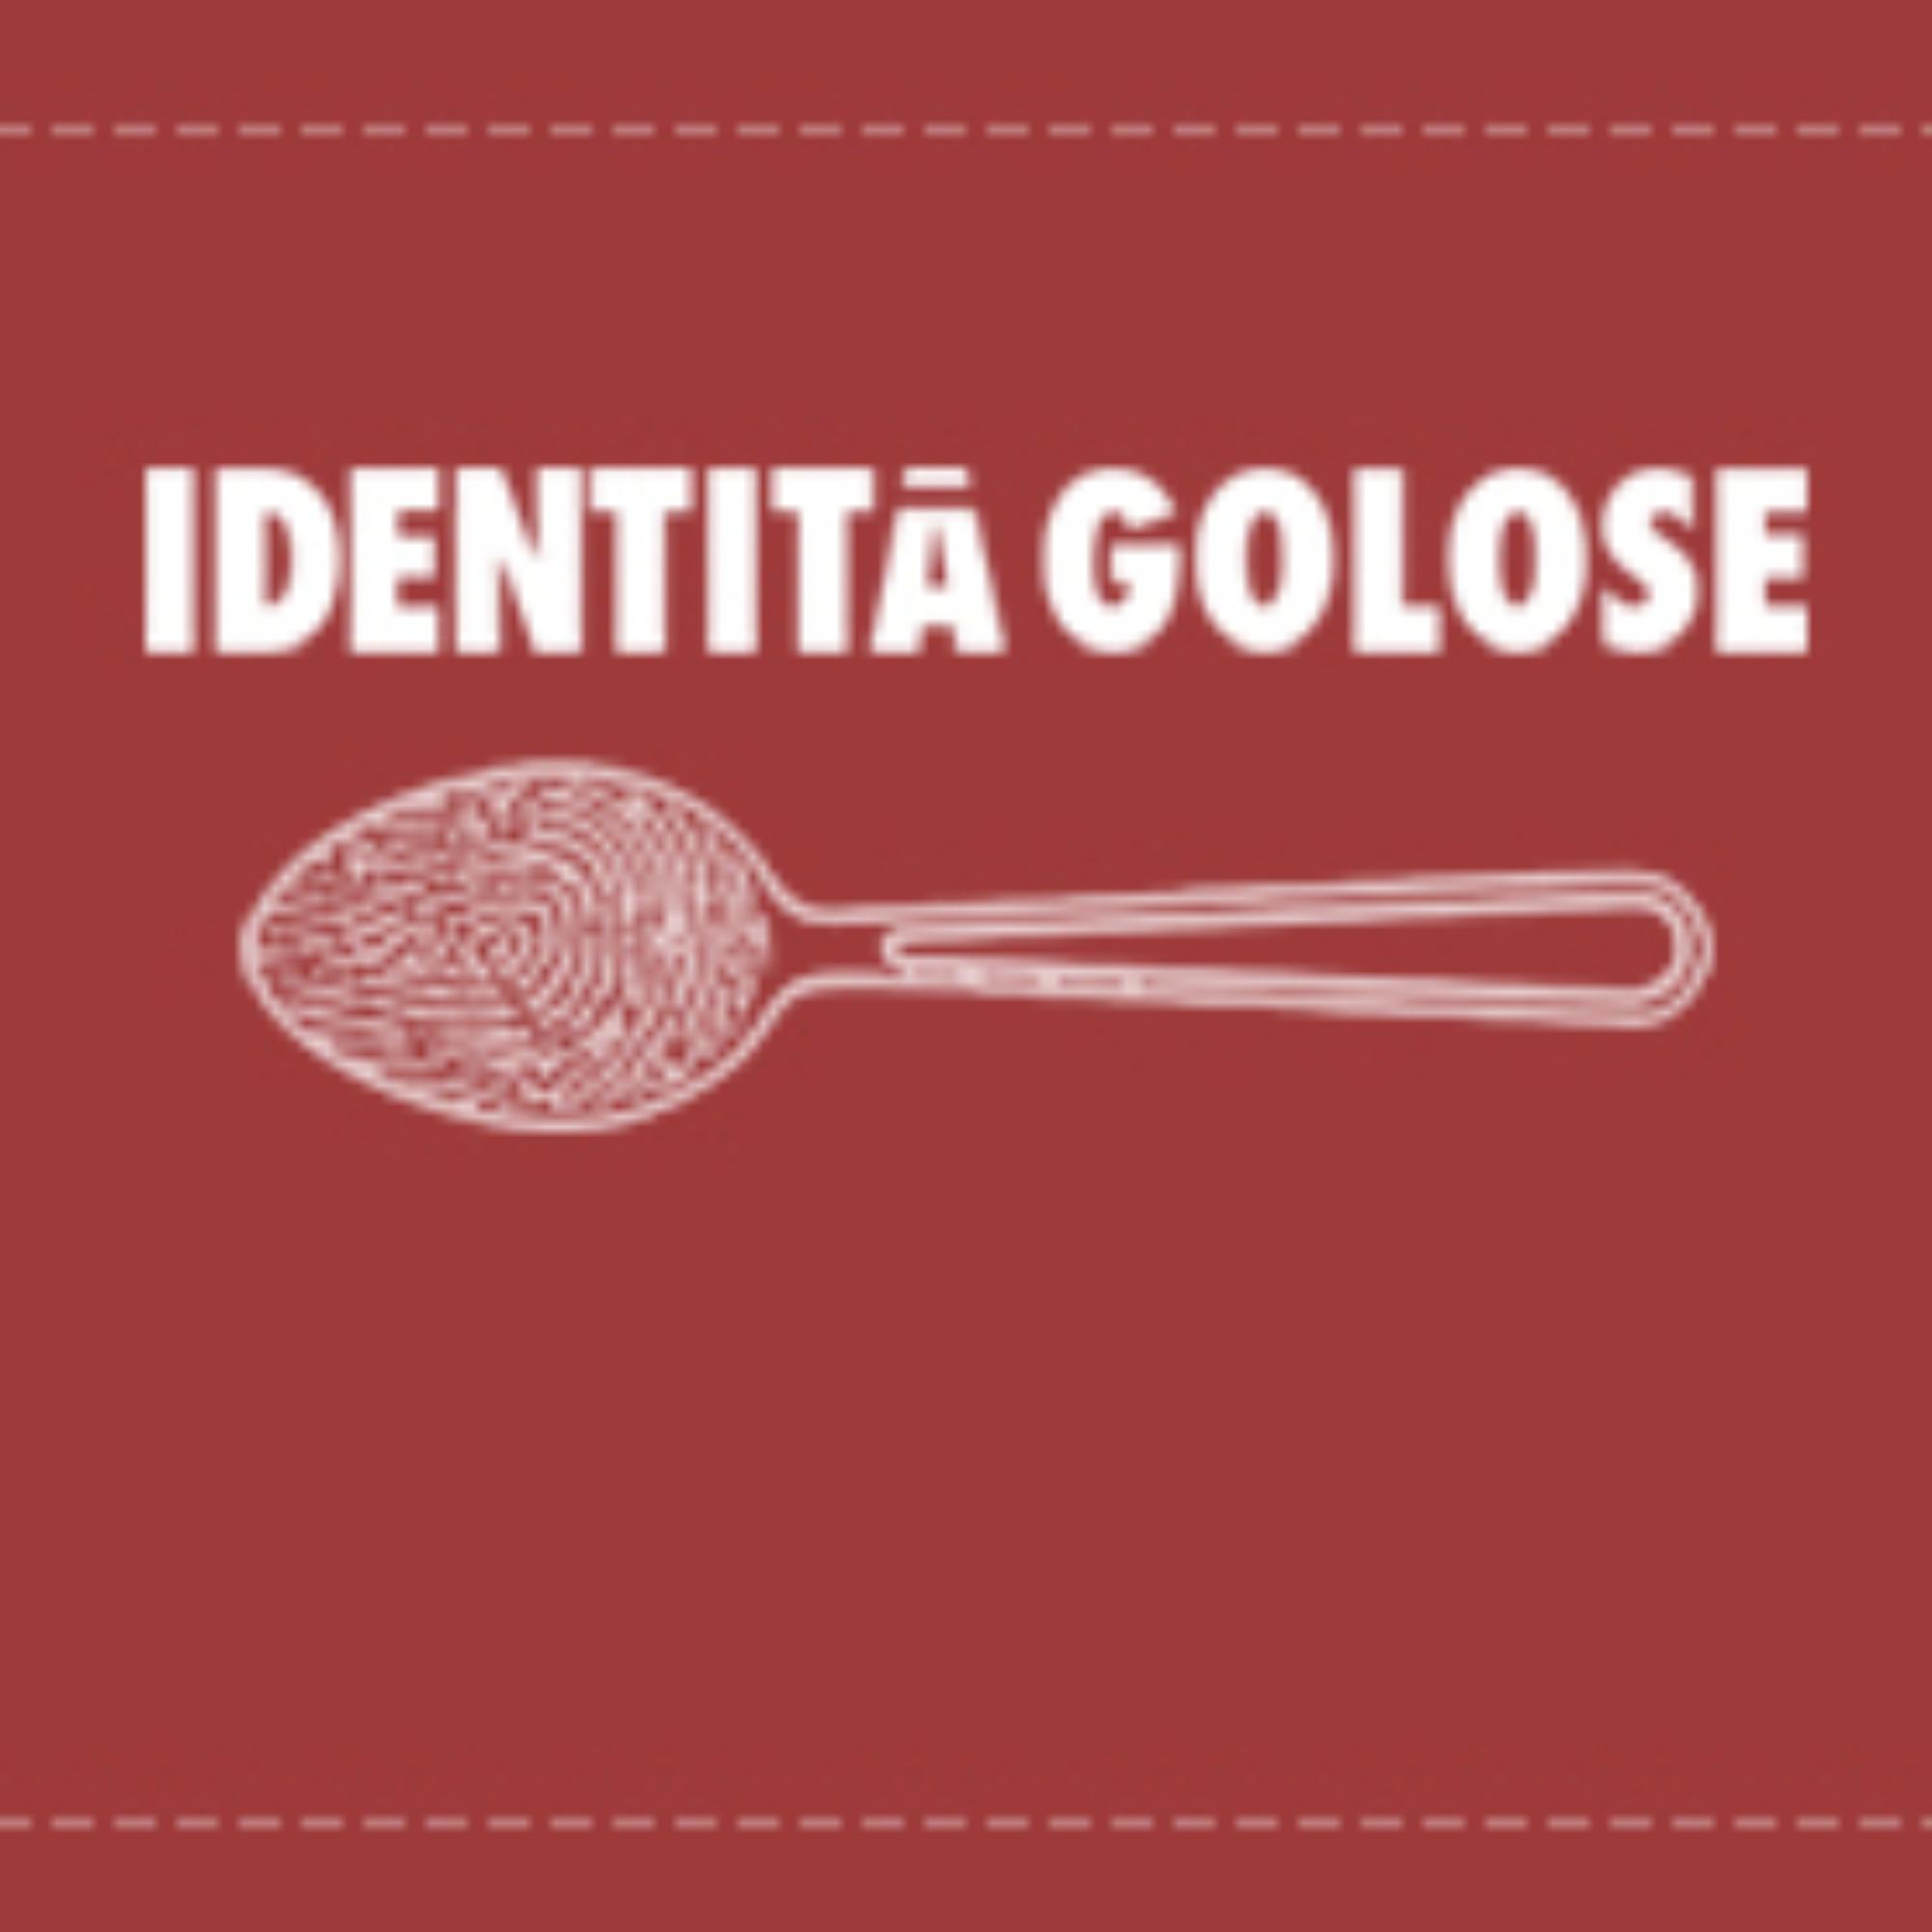 Guida Identità Golose